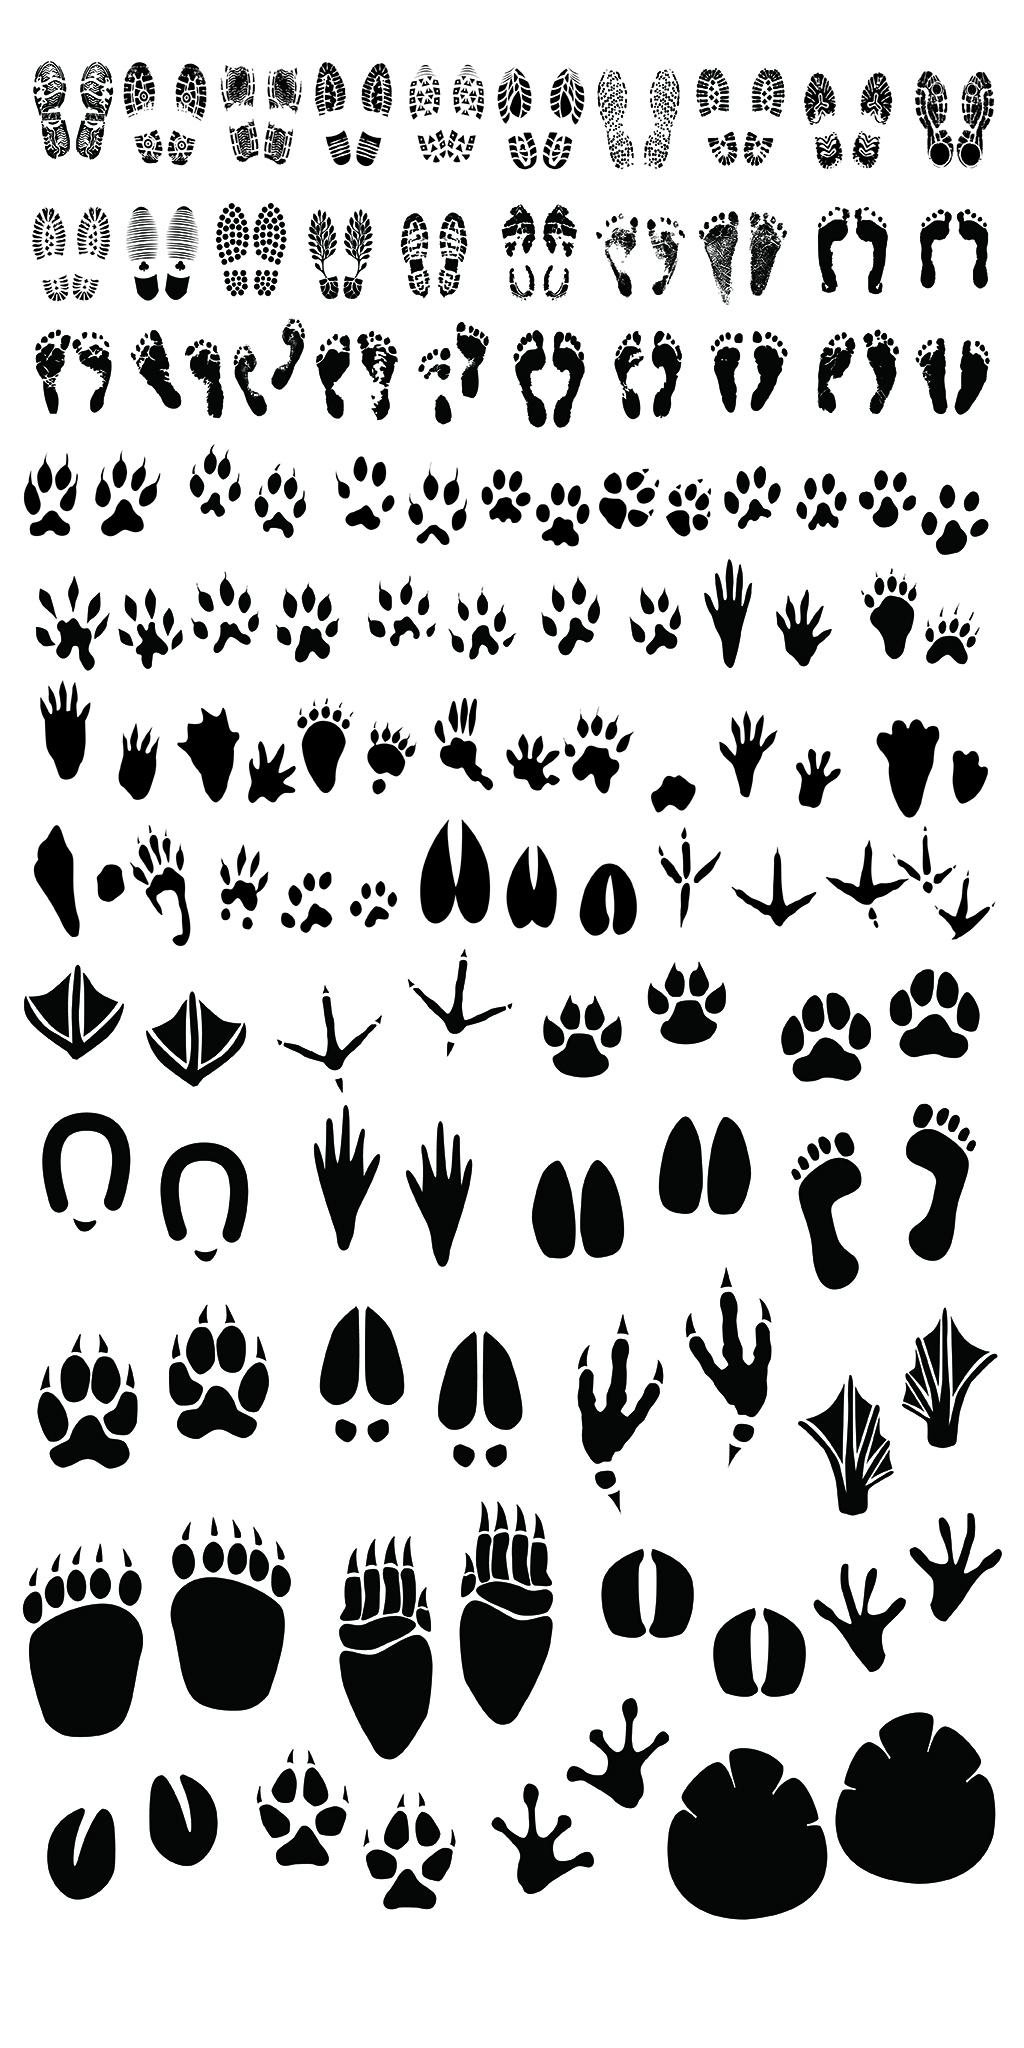 设计元素 背景素材 其他 > 卡通手绘动物人物脚印图片海报素材   图片